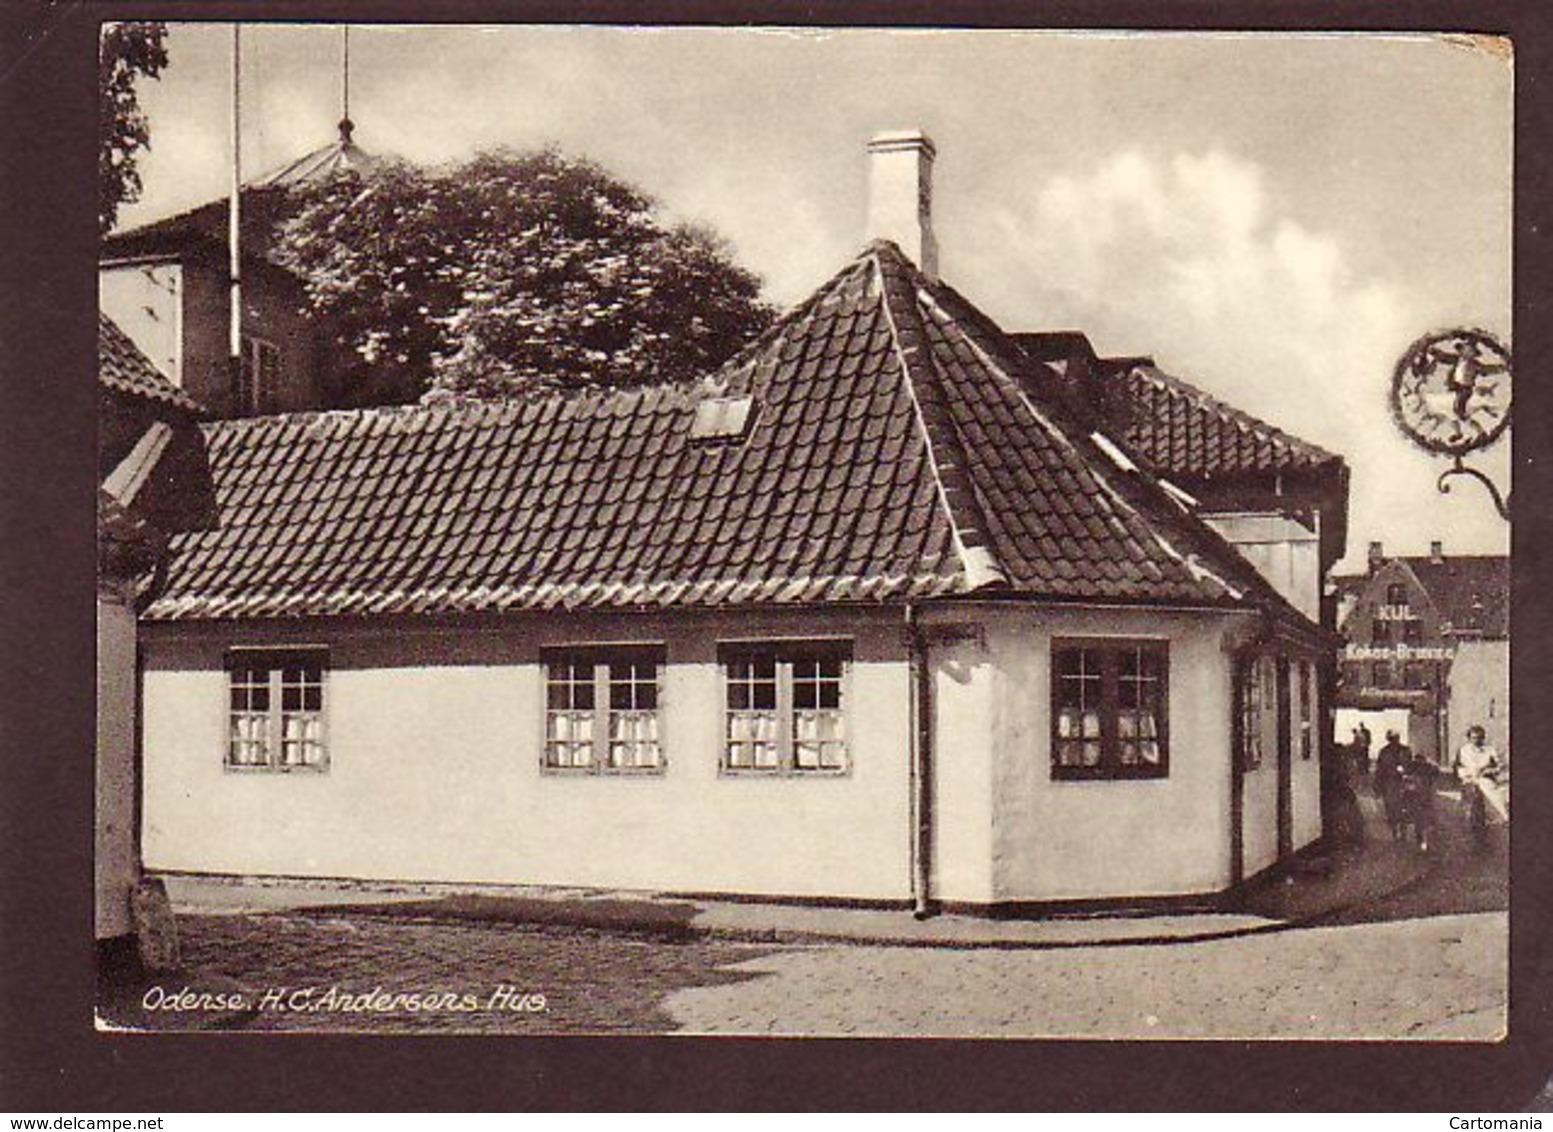 Odense - H.C. Andersens Hus - Danemark